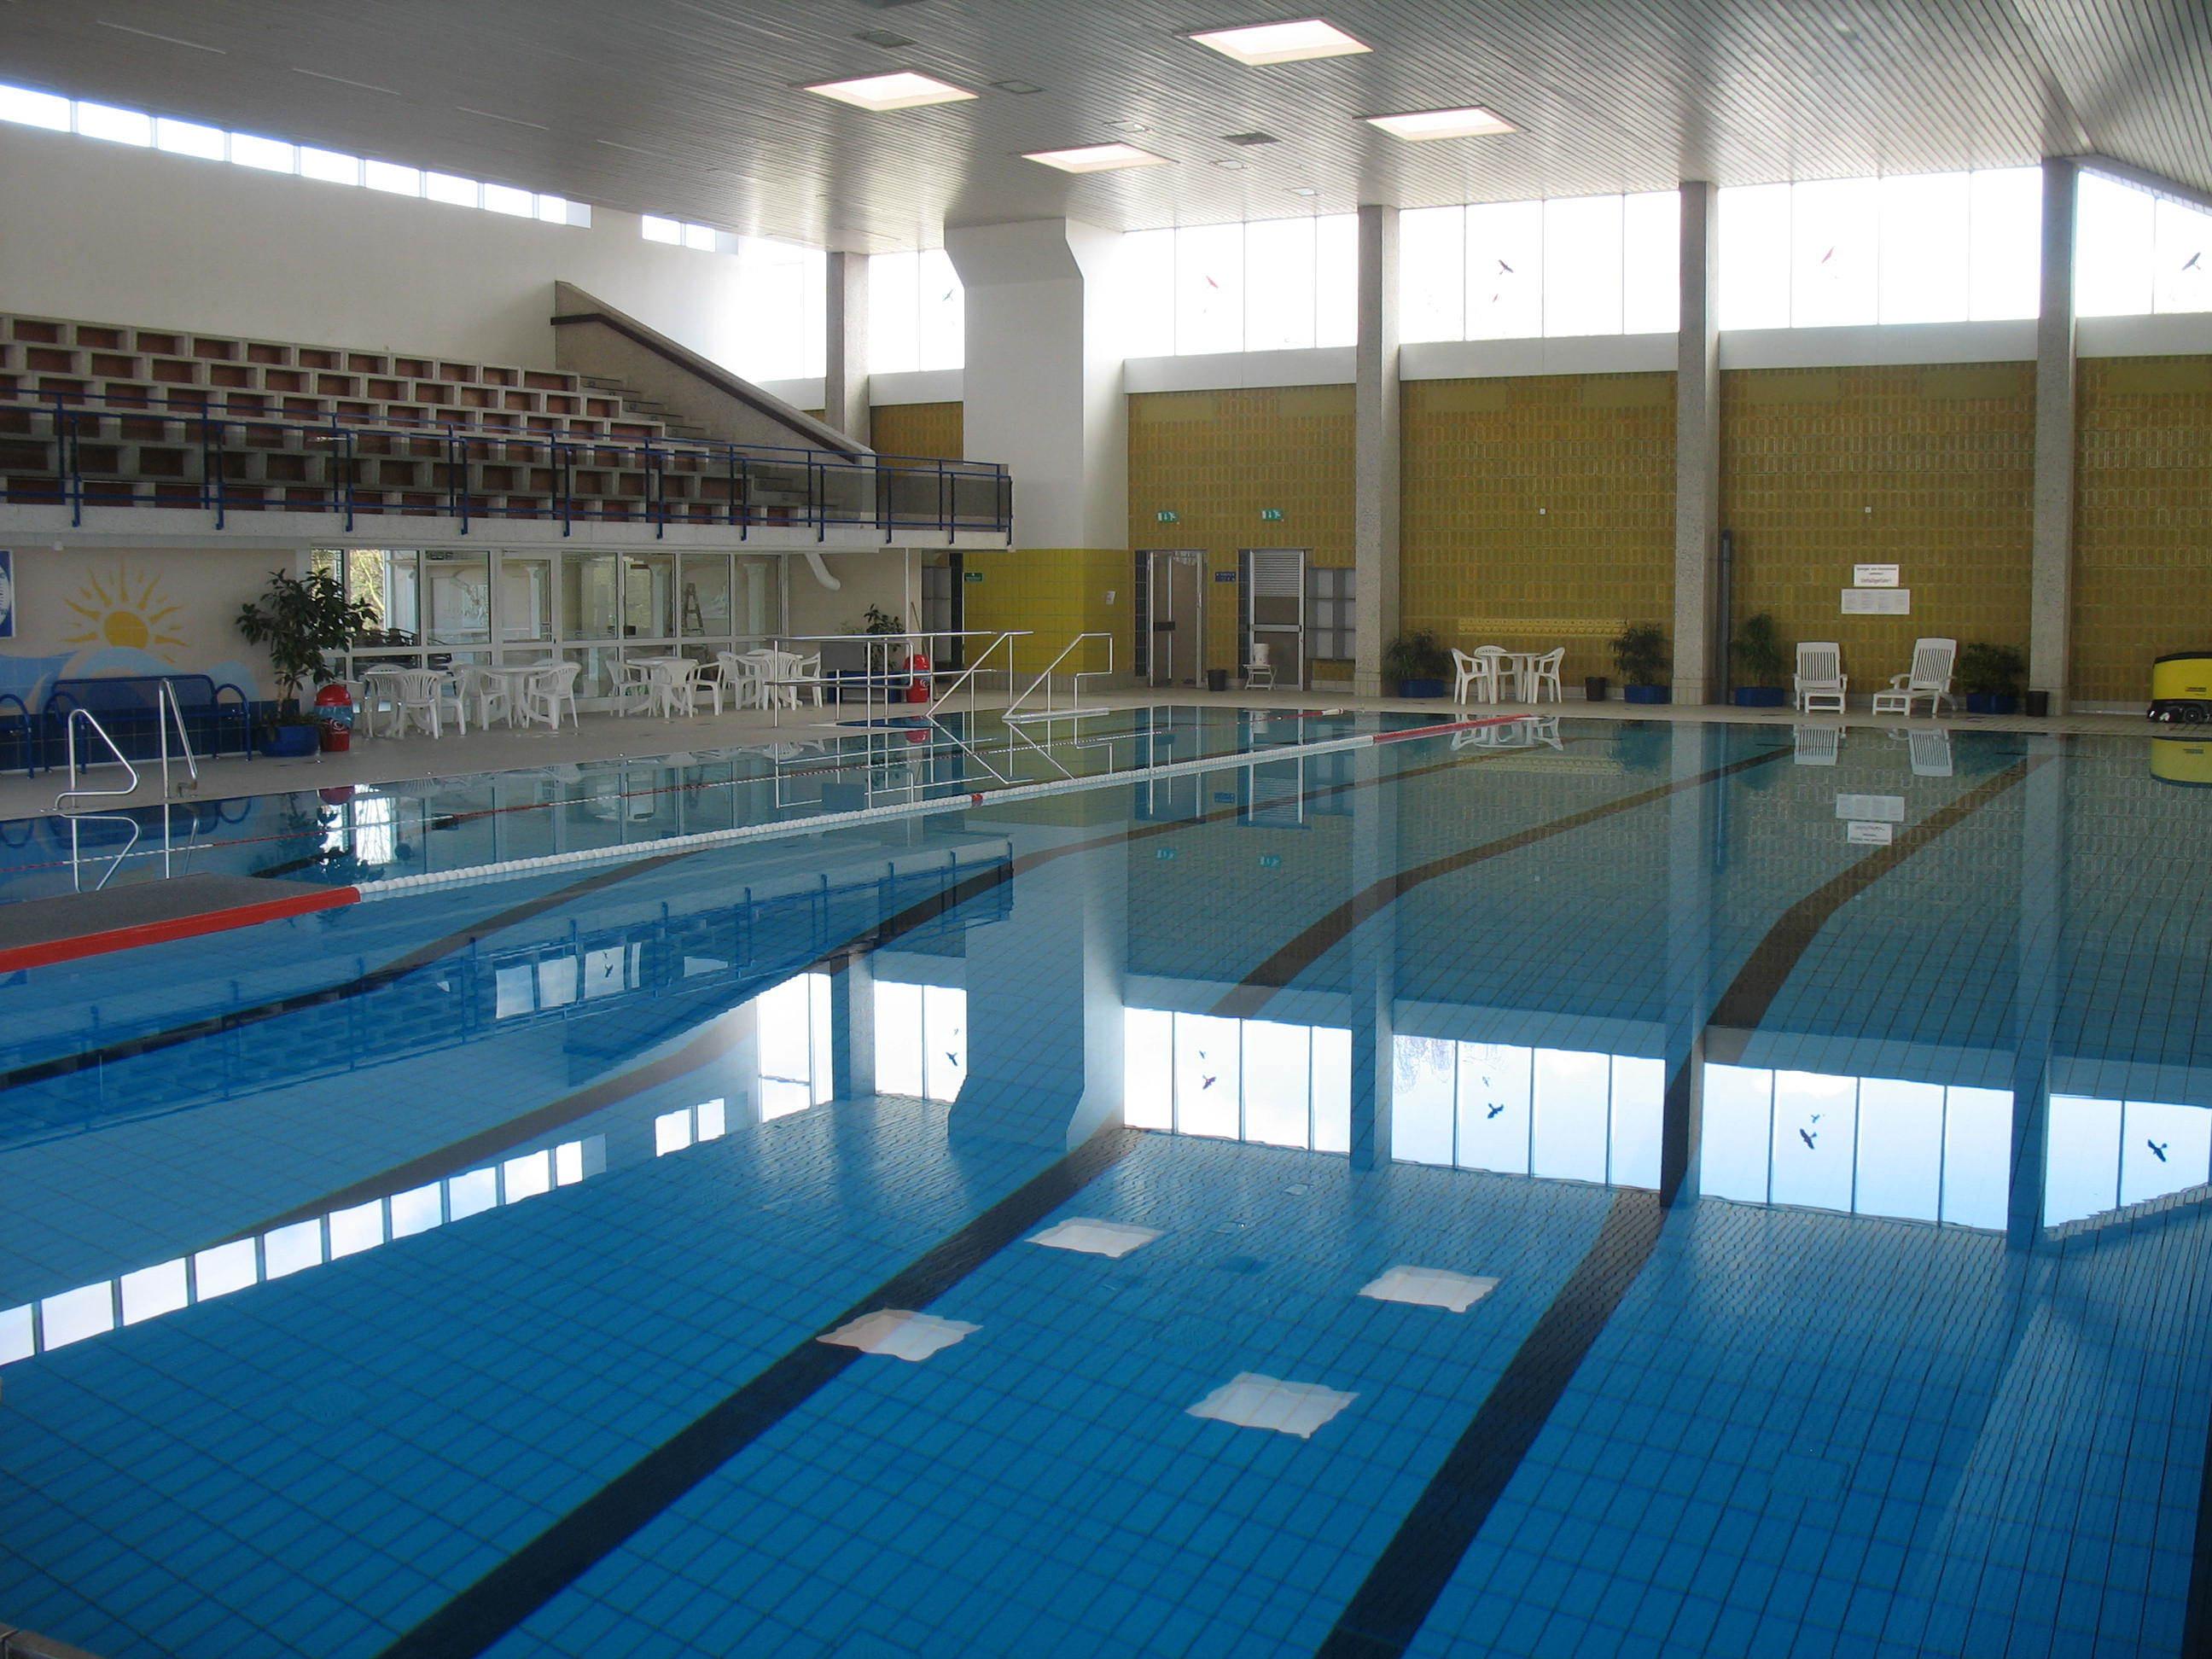 California Schwimmbad Leverkusen  California Bad Leverkusen home calevornia freizeitbad in